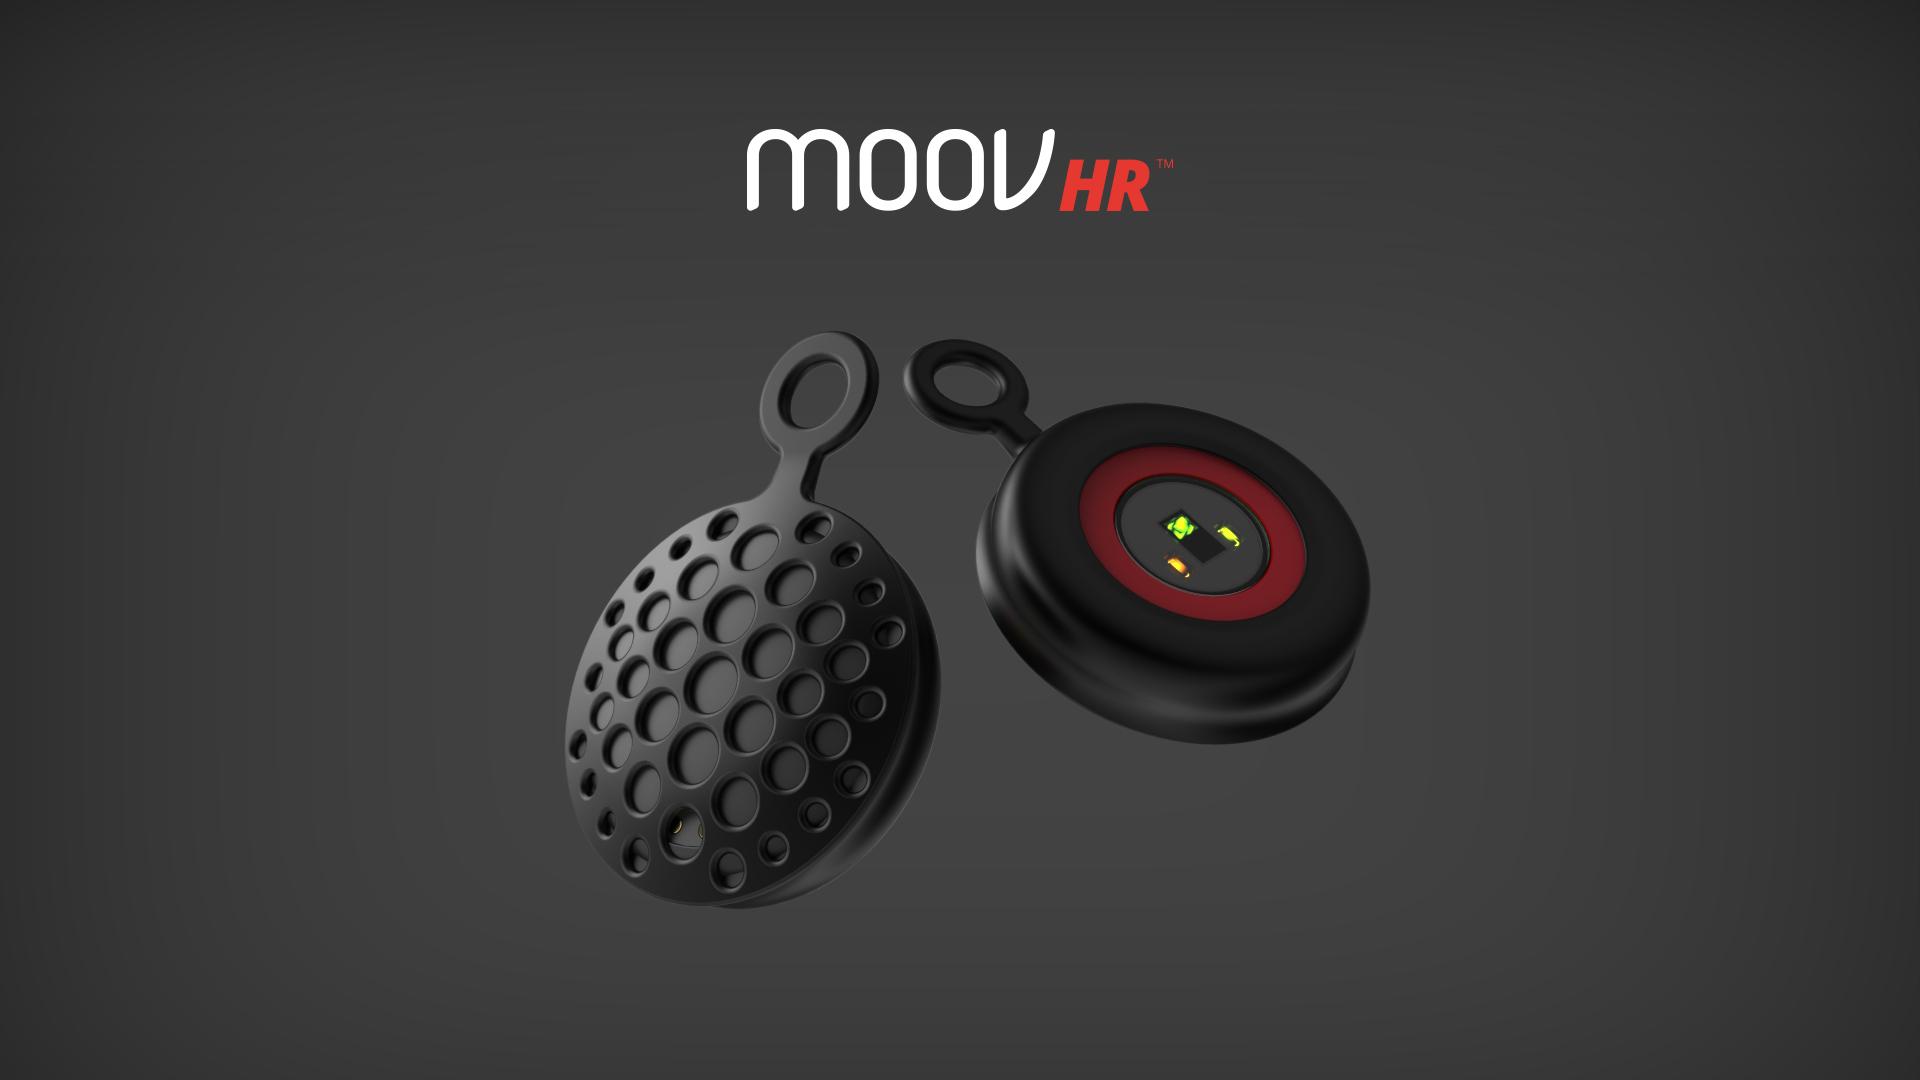 moov-hr-hero-shot-front-back-with-logo